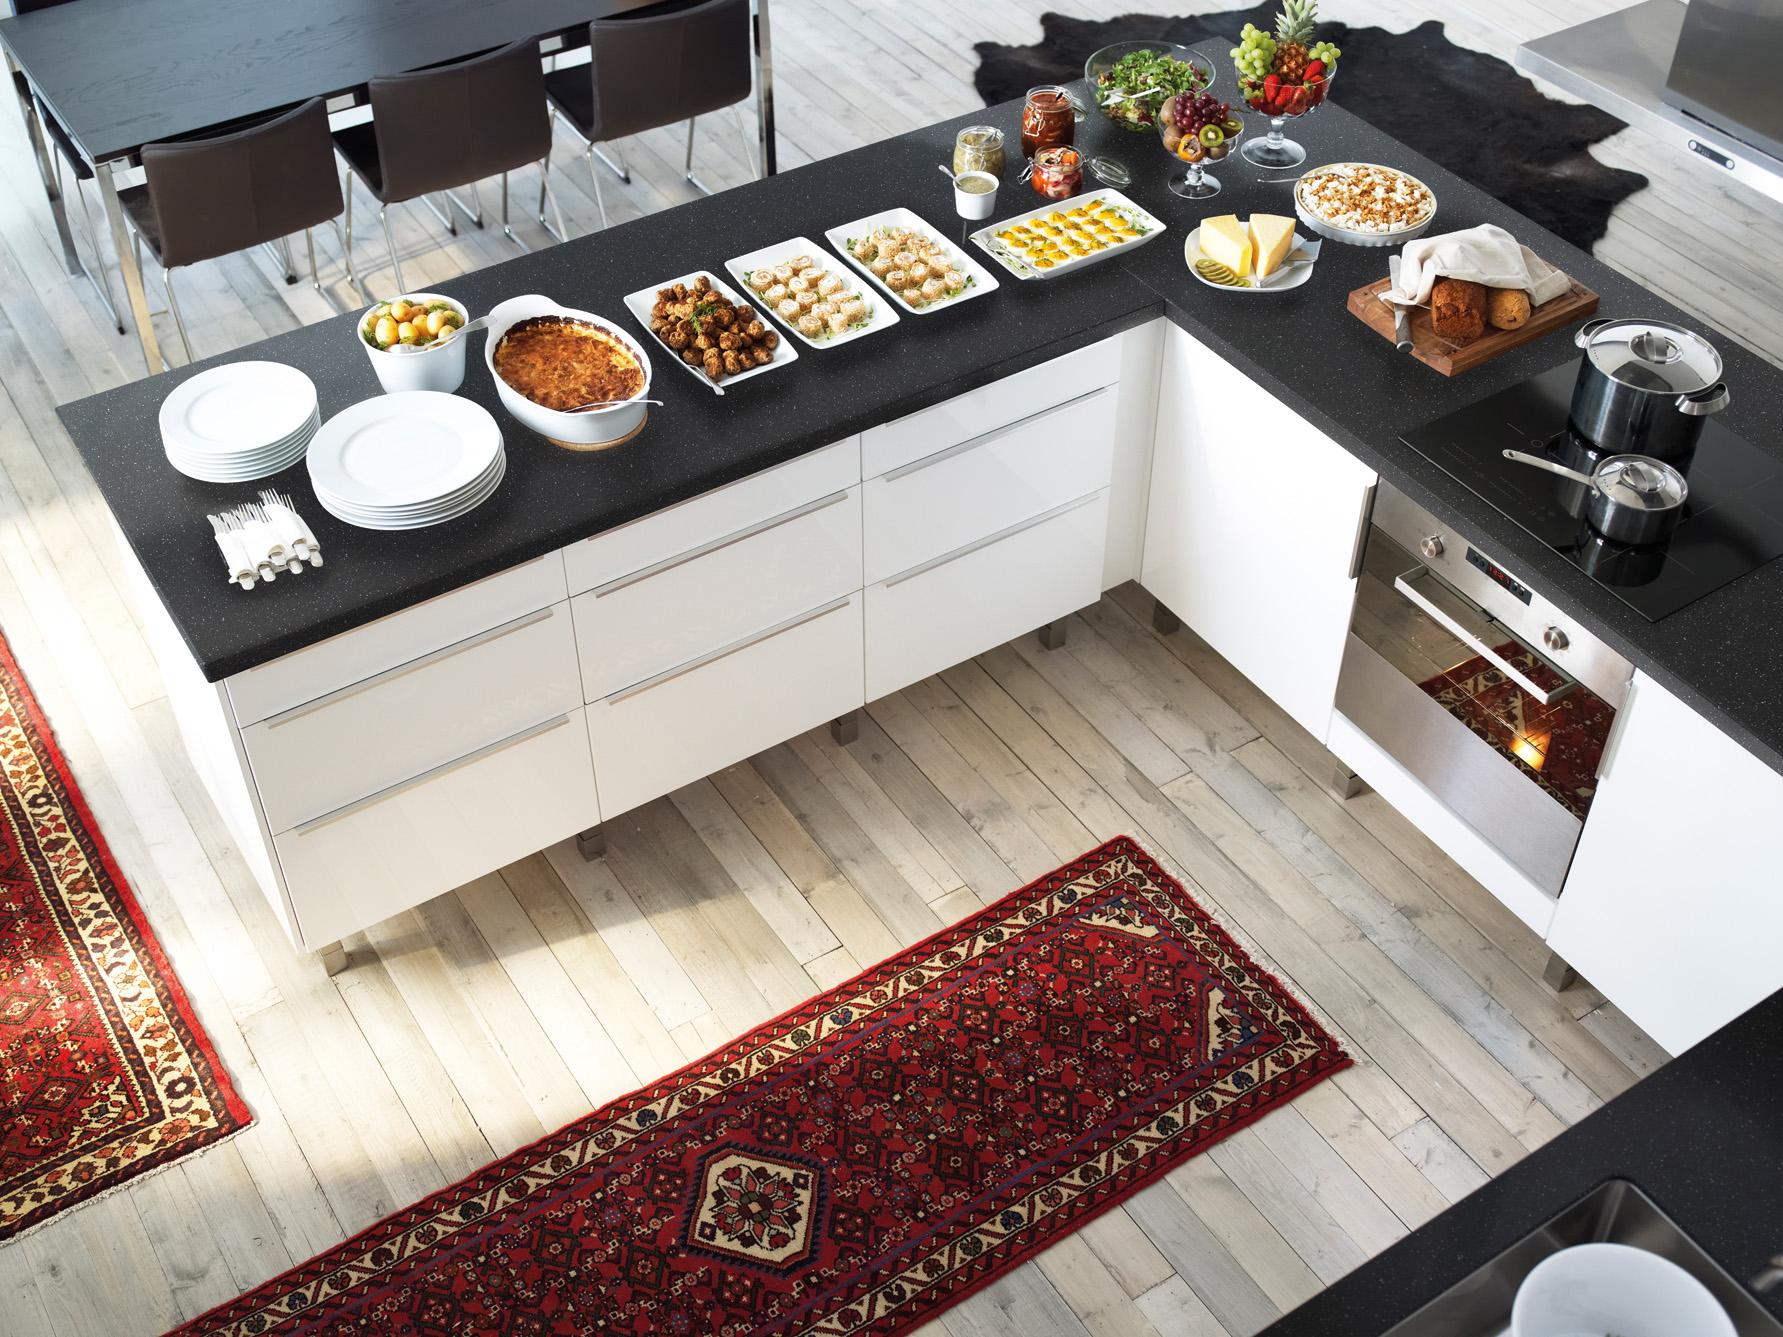 Ikea Diseno De Cocinas - Decoración Del Hogar - Prosalo.com